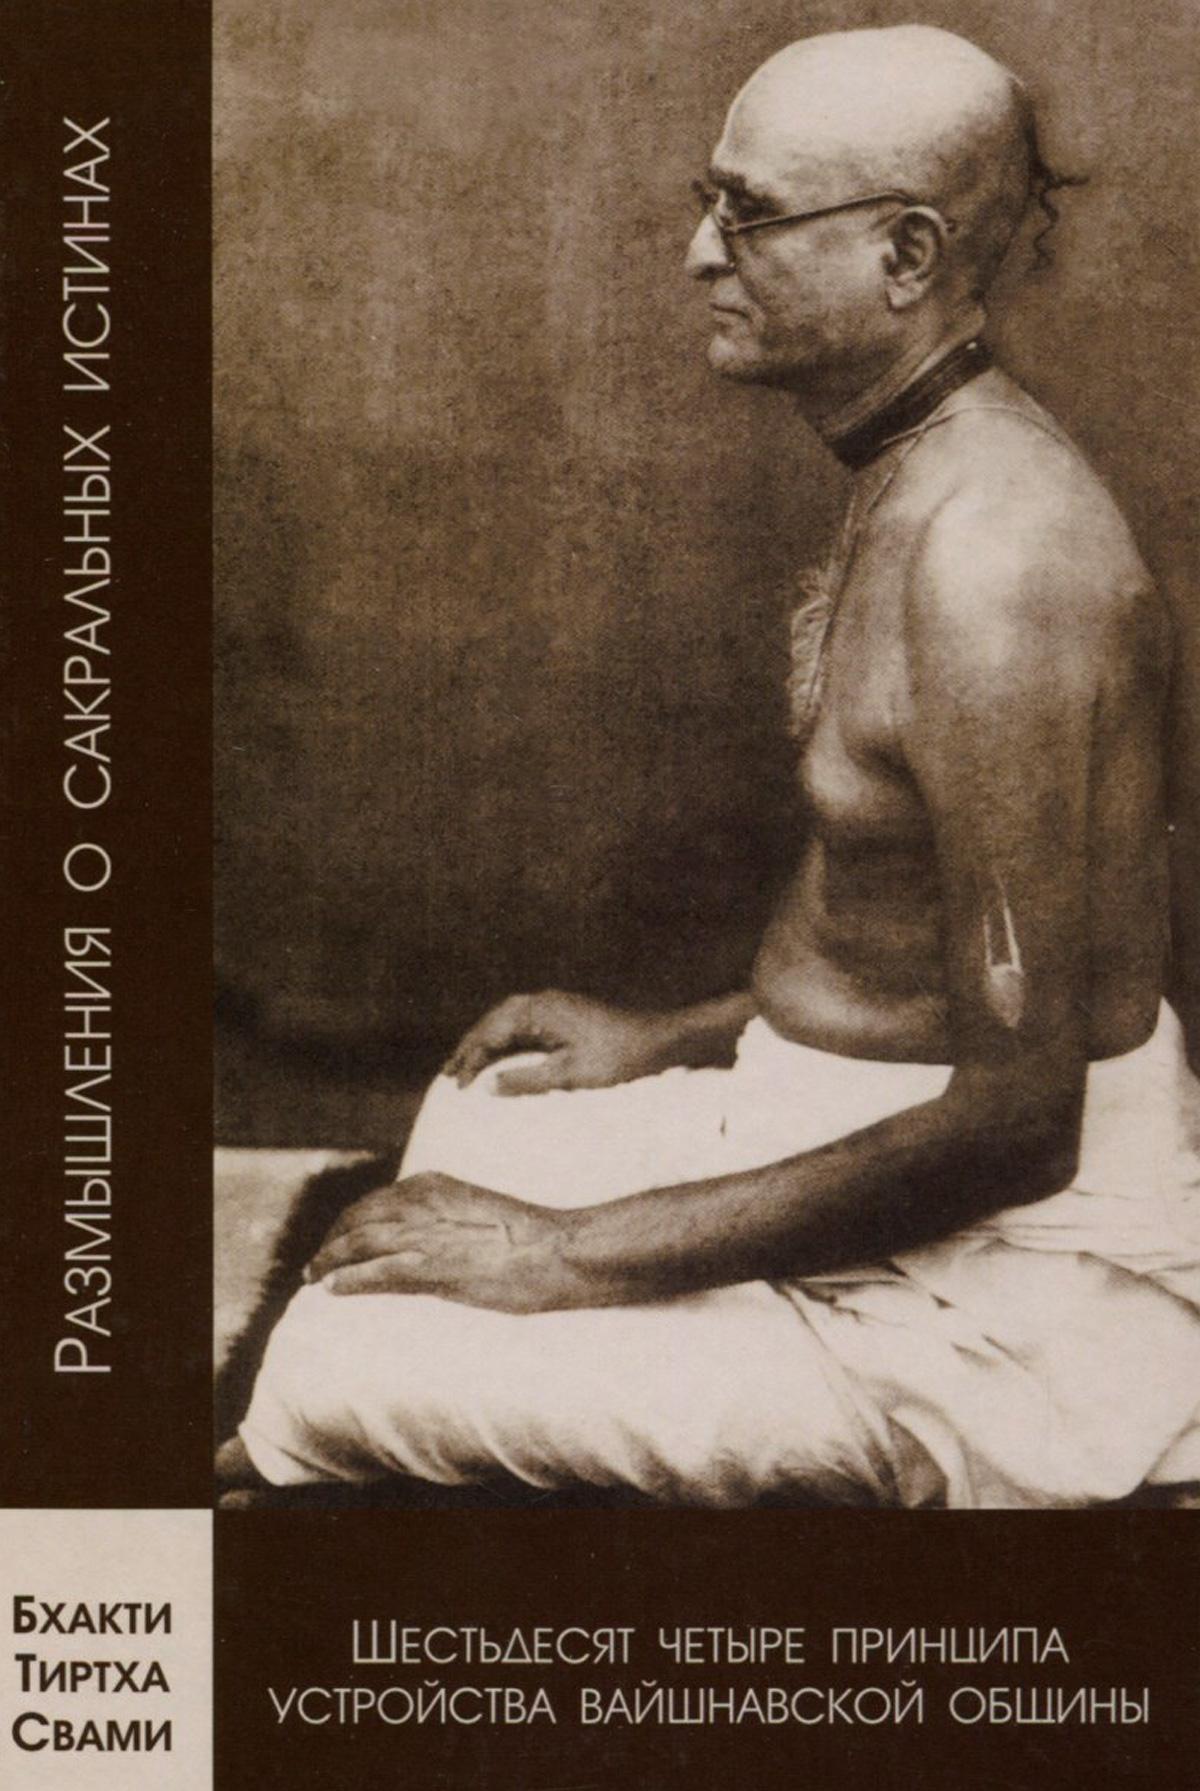 64 принципа устройства вайшнавской общины. Бхакти Тиртха Свами